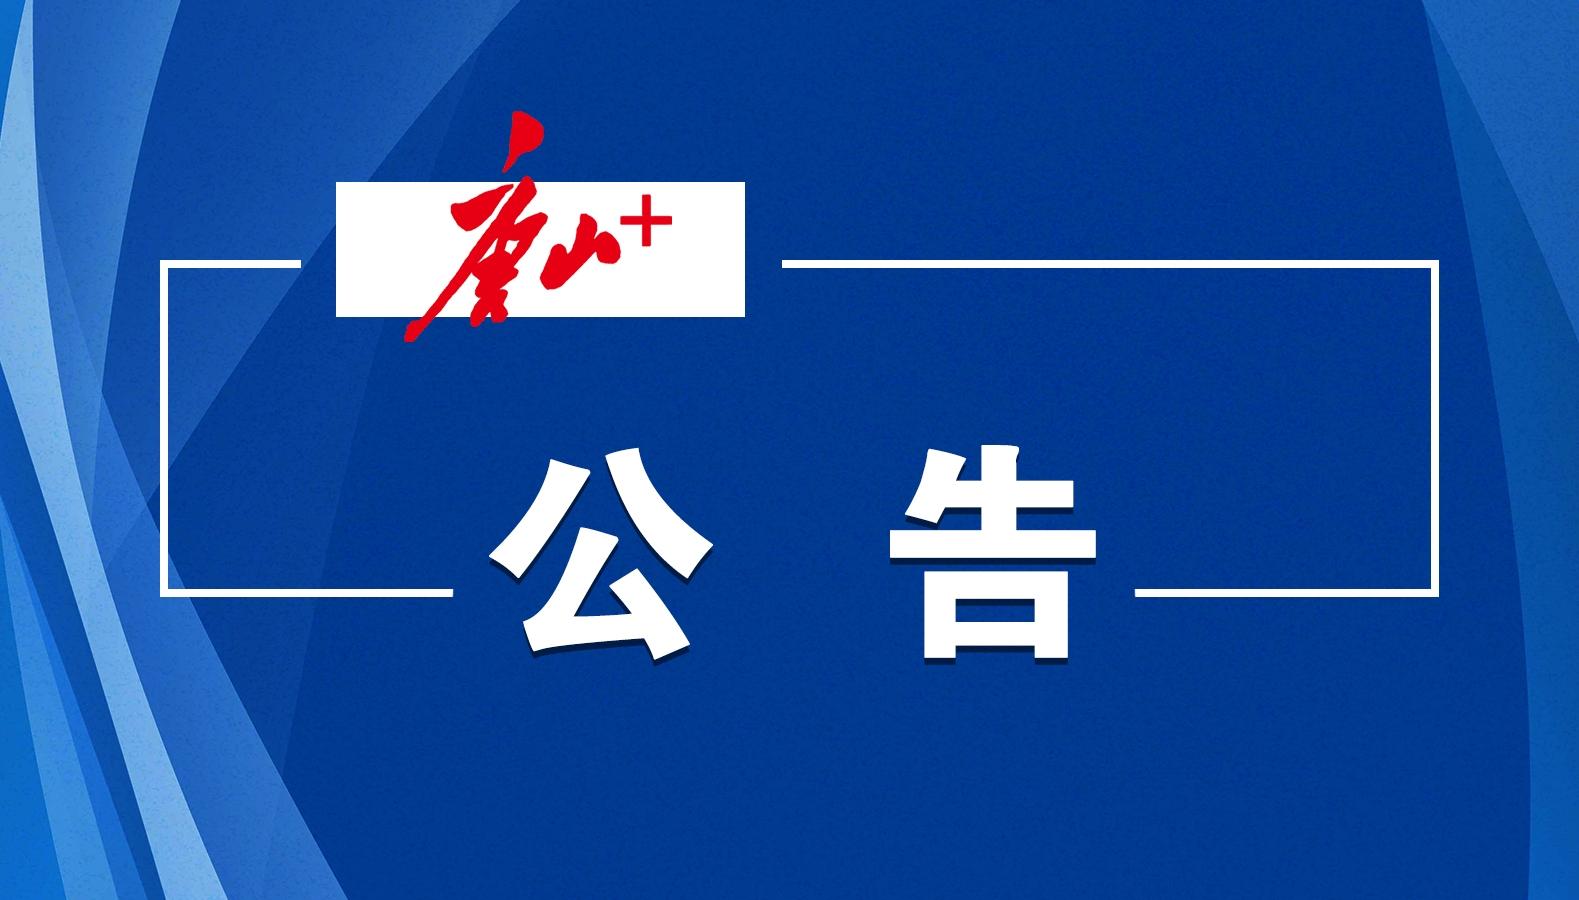 唐山市中级人民法院领导集体大接访公告